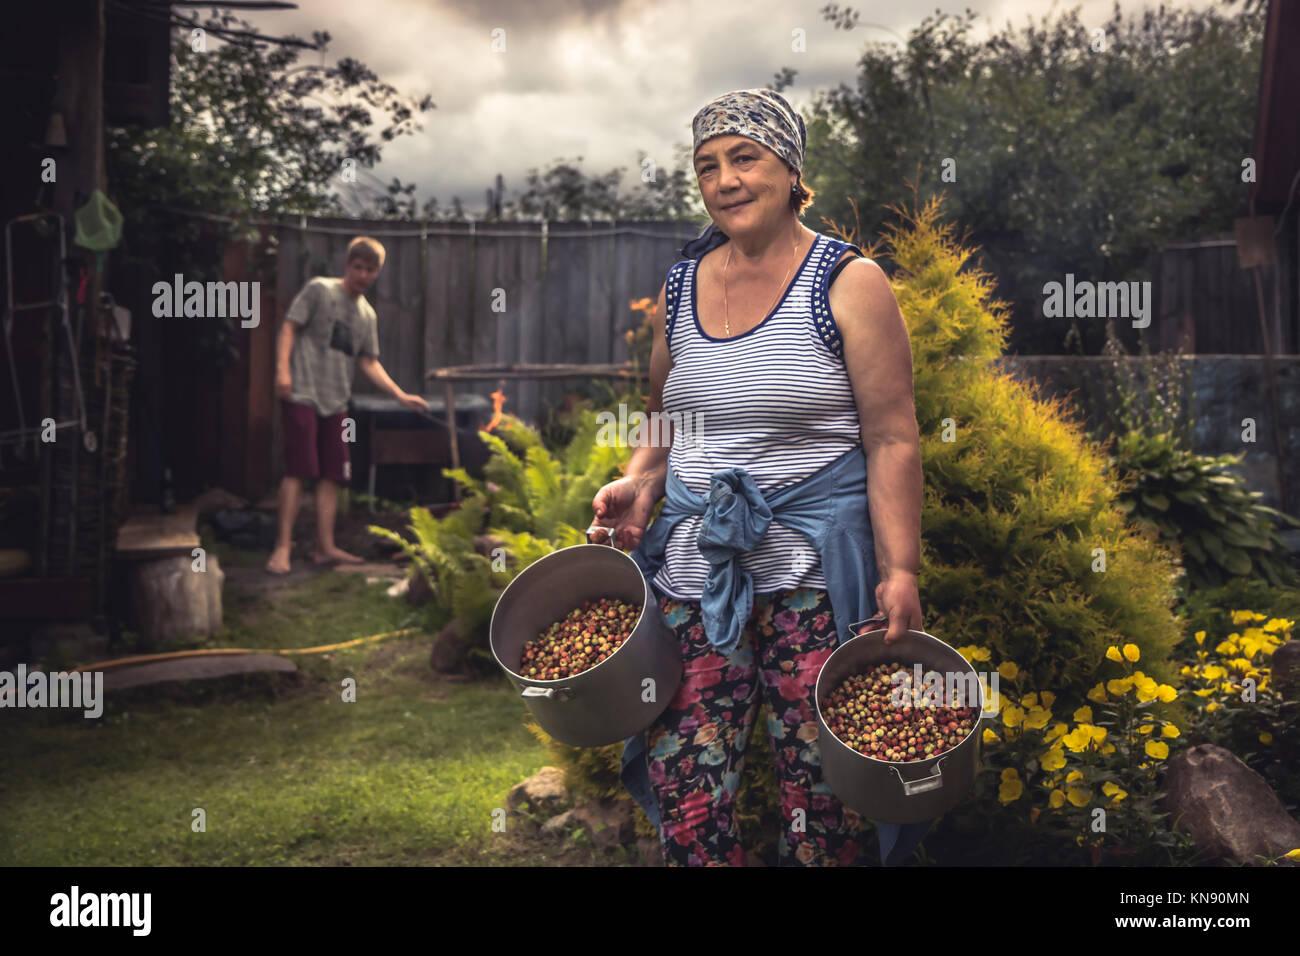 Allegro senior donne agricoltore in giardino con il raccolto di fragole mature durante l estate stagione di raccolta Immagini Stock